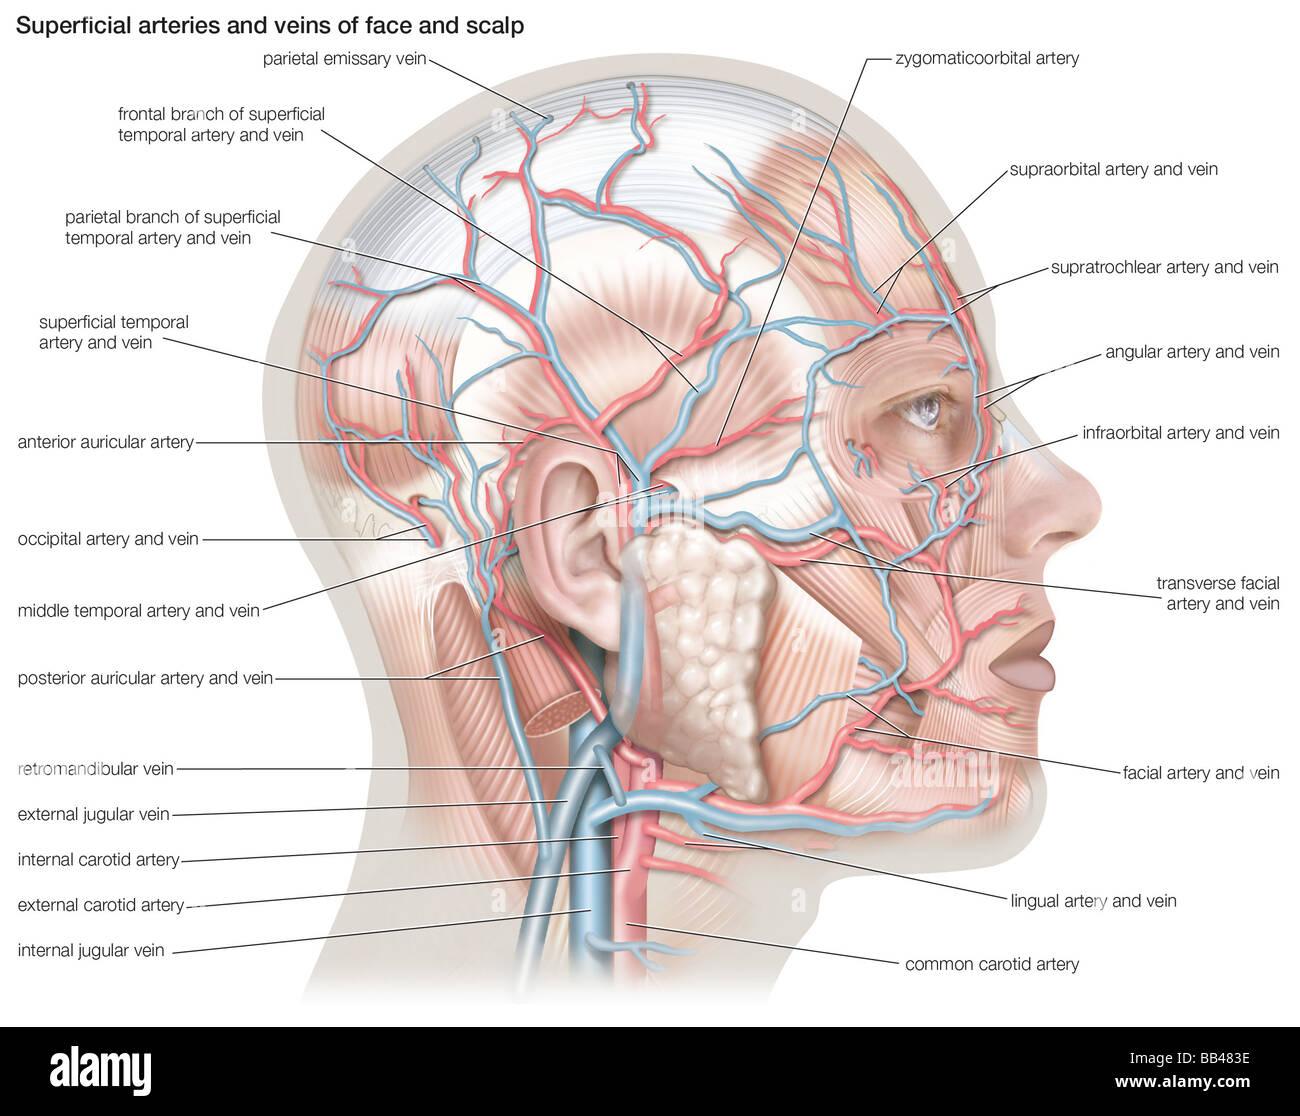 Arteres Et Veines Superficielles De La Face Et Du Cuir